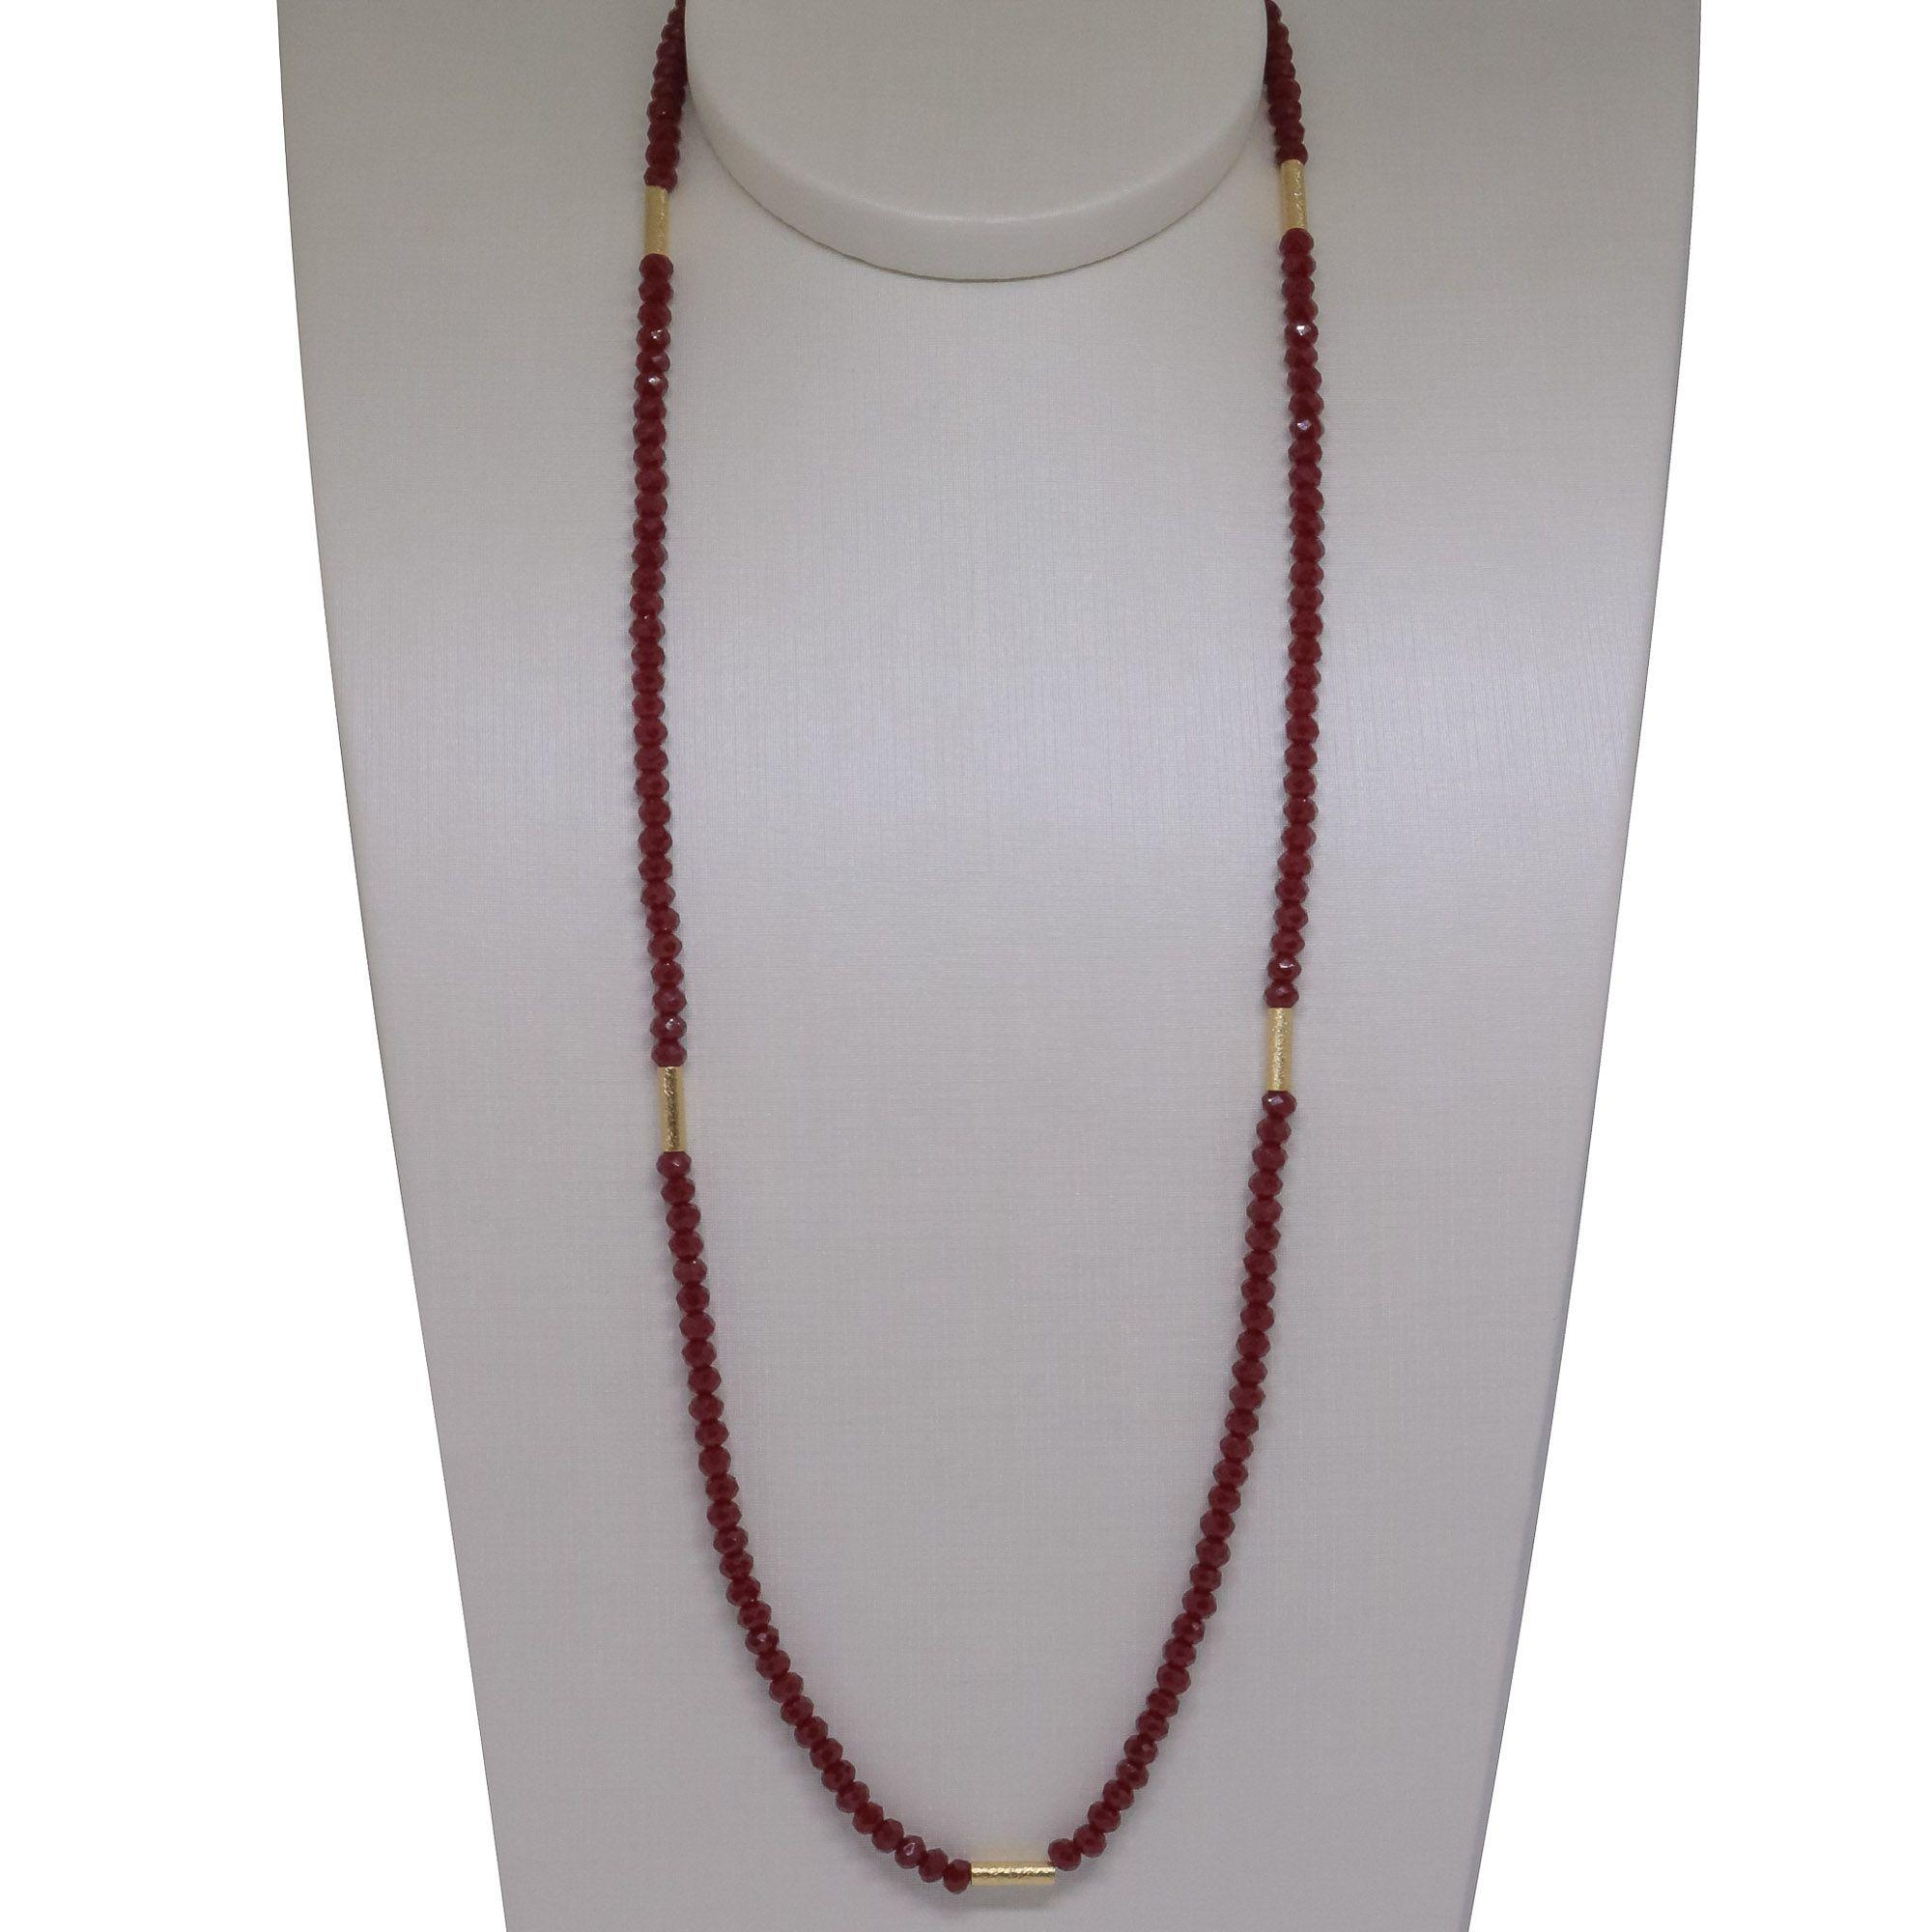 Colar Semi joia  Cristais Tiras com 100 cm banhado a ouro 18k ou rhodium